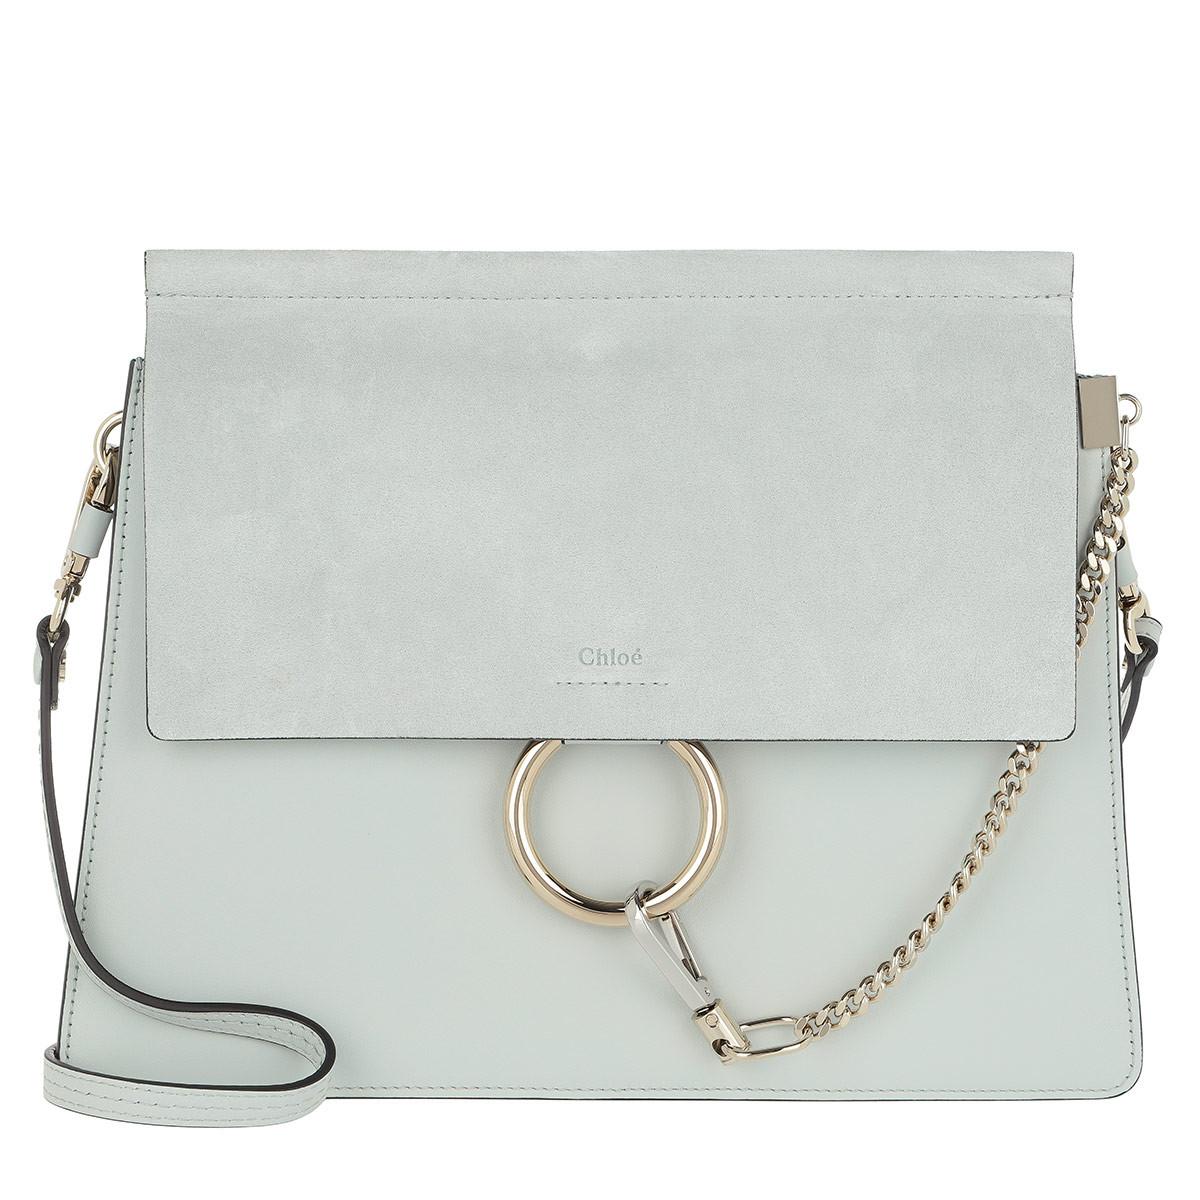 Laagste Prijs Goedkoop Online Chloé Tassen met handvat - Faye Tote Bag Suede Flap Airy Grey in blauw voor dames Collecties Te Koop Vg5CC71O